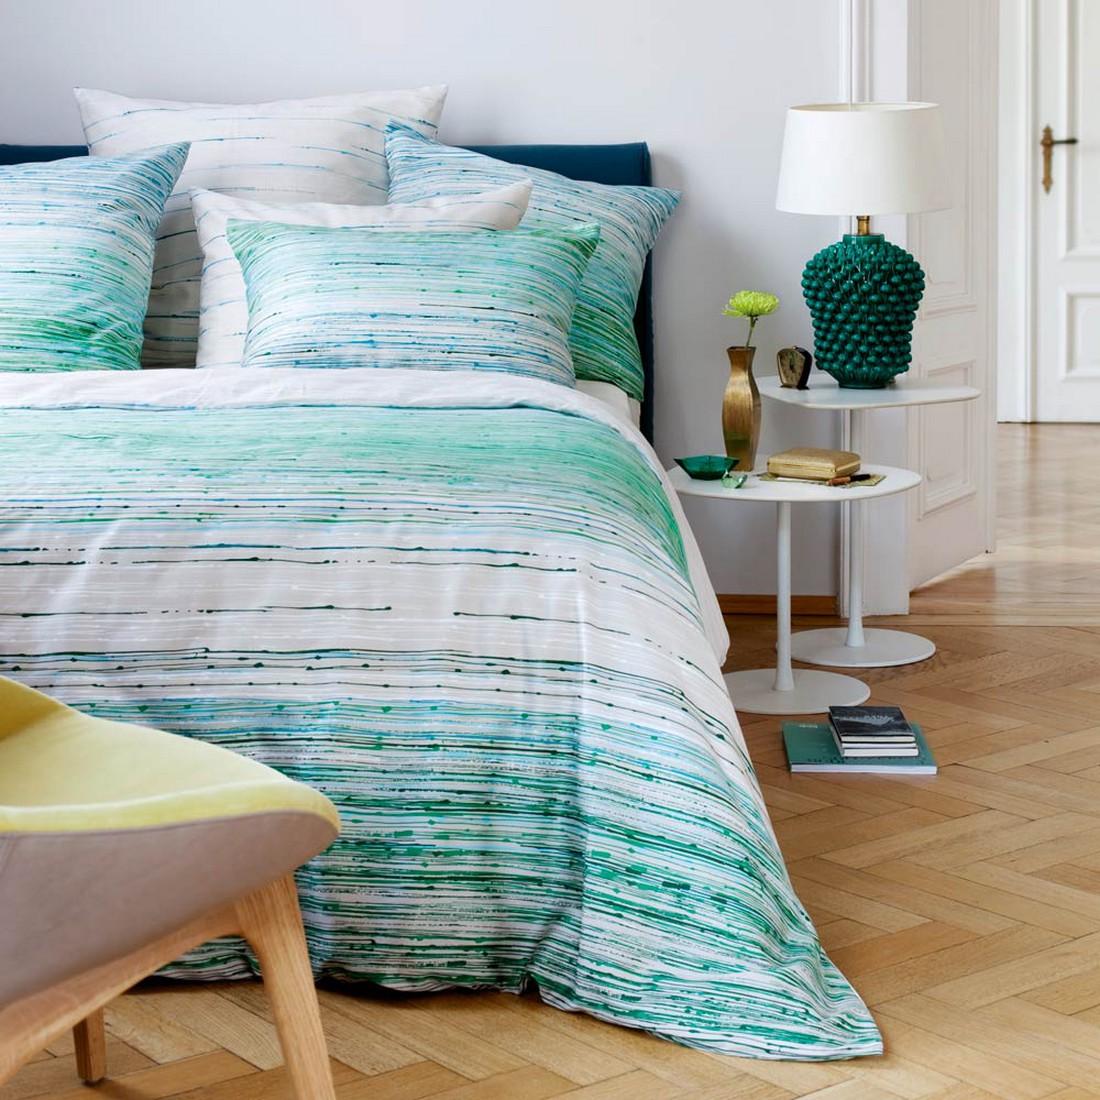 bettw sche evergreen t rkis baumwolle gr n. Black Bedroom Furniture Sets. Home Design Ideas